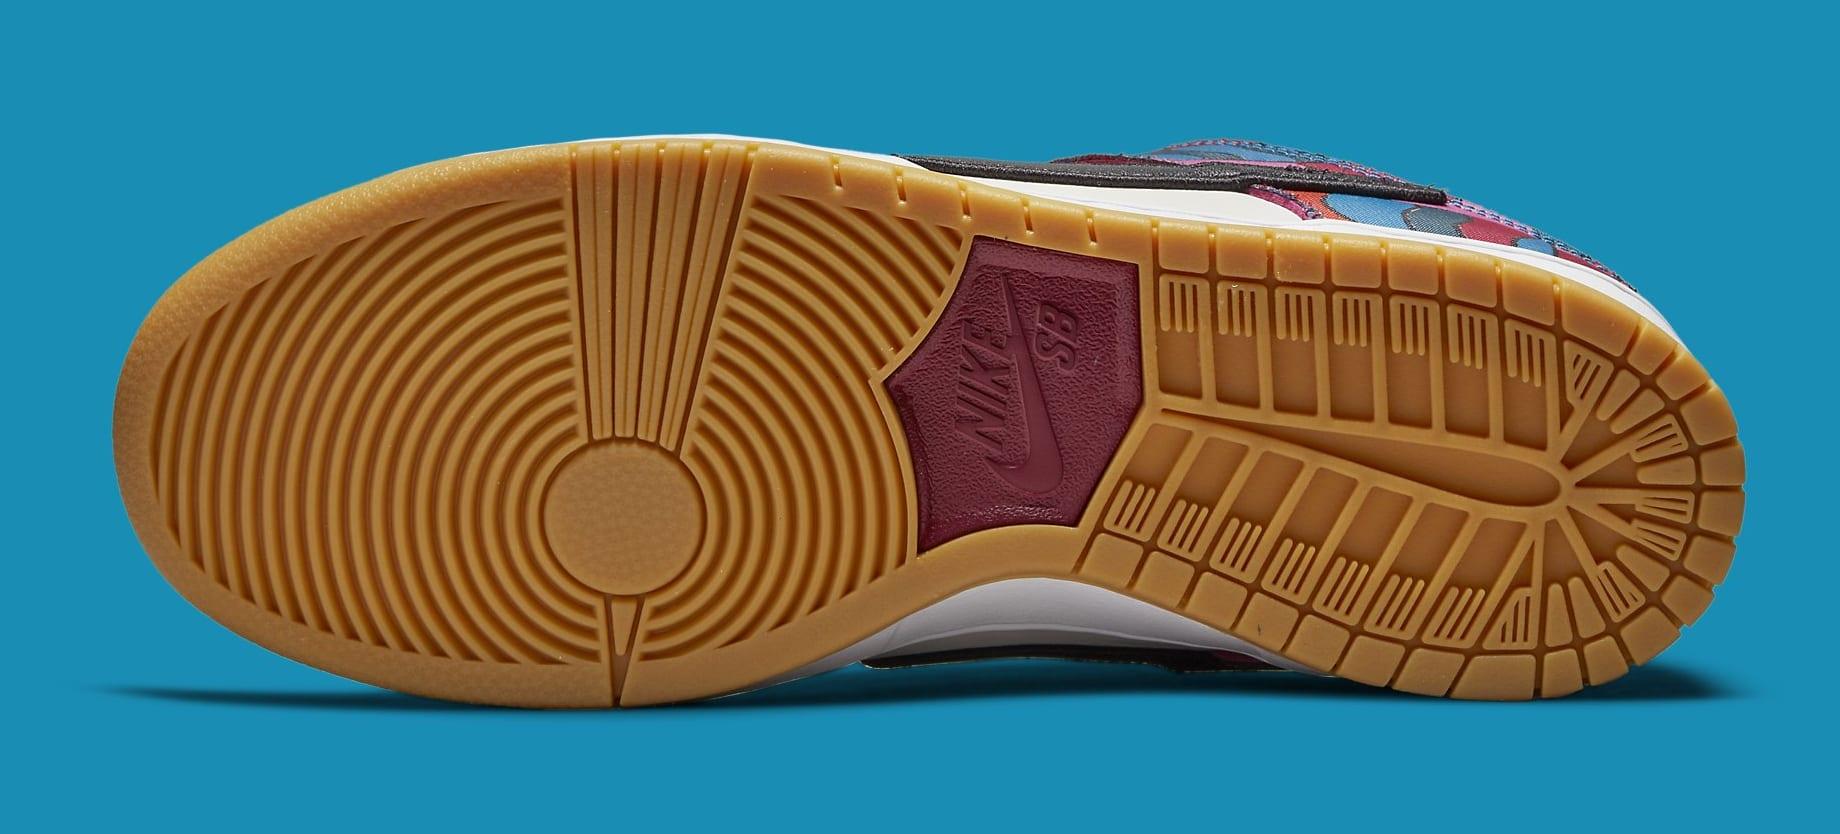 Parra x Nike SB Dunk Low DH7695-600 Outsole